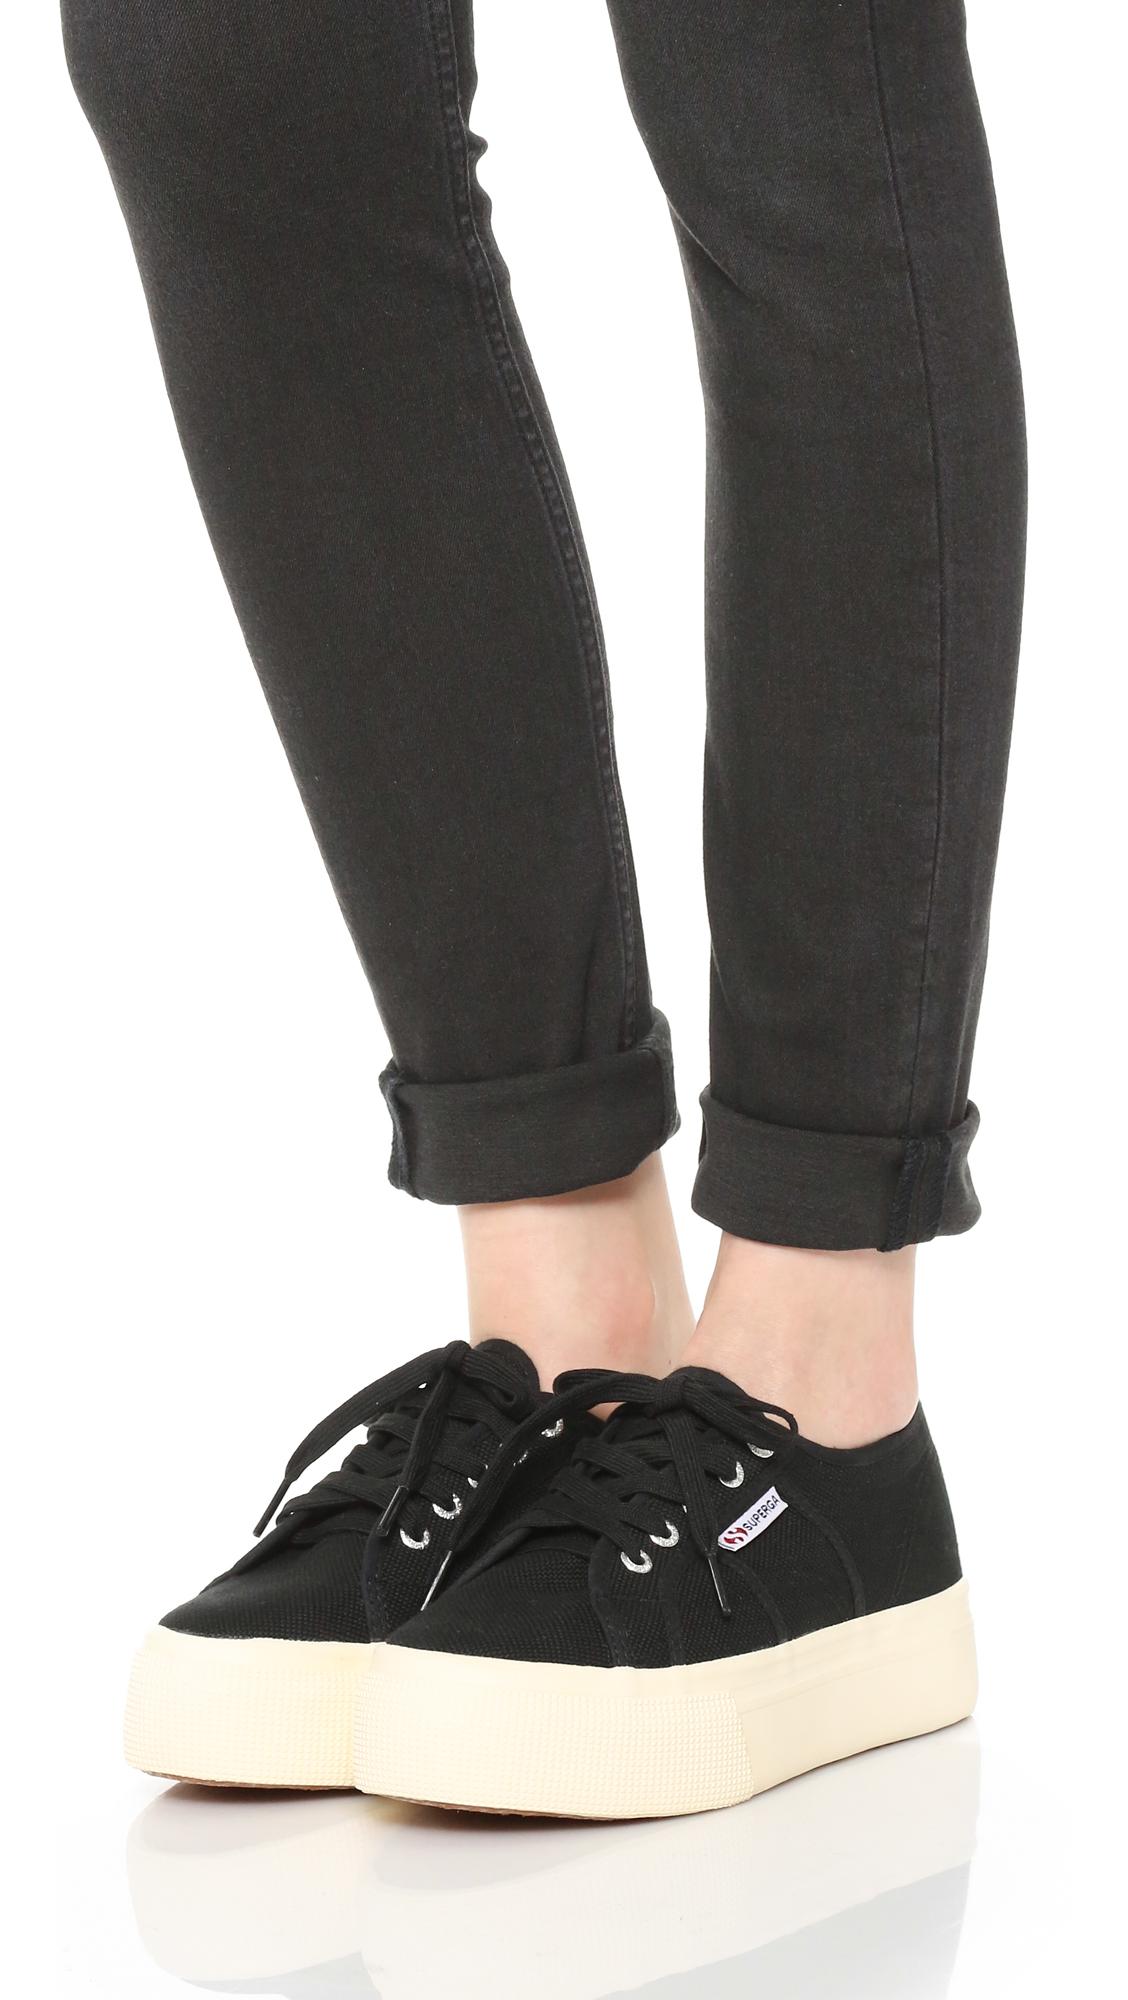 0d4e28ec70f0 Superga 2790 ACOTW Platform Sneakers